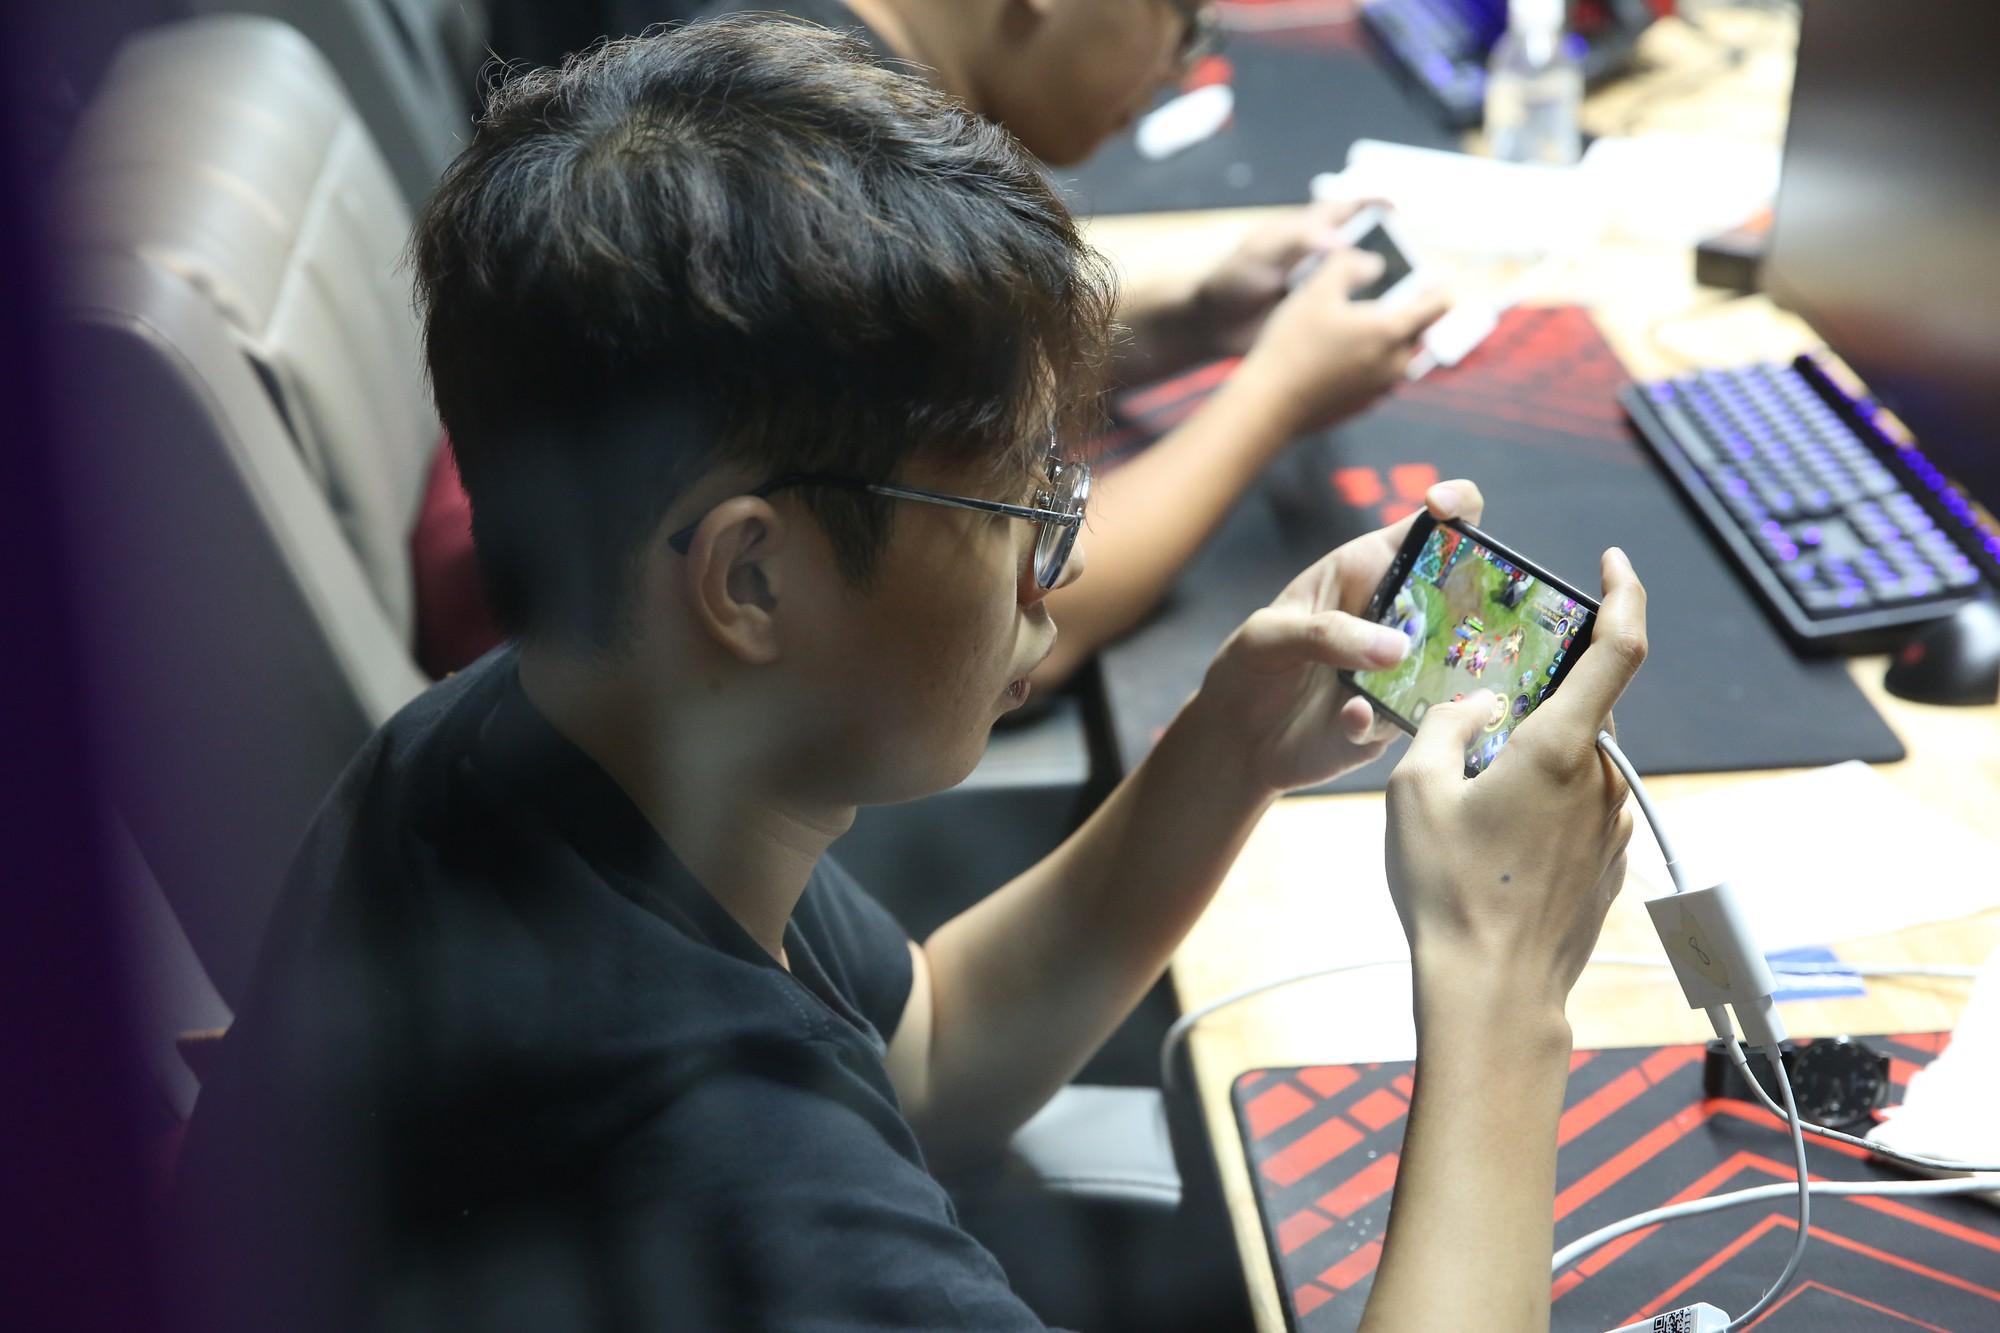 """Game thủ không còn là những """"đứa trẻ hư hỏng"""": Có một thế hệ như OverClockerSđang làm rạng danh nền eSports Việt Nam - Ảnh 3."""